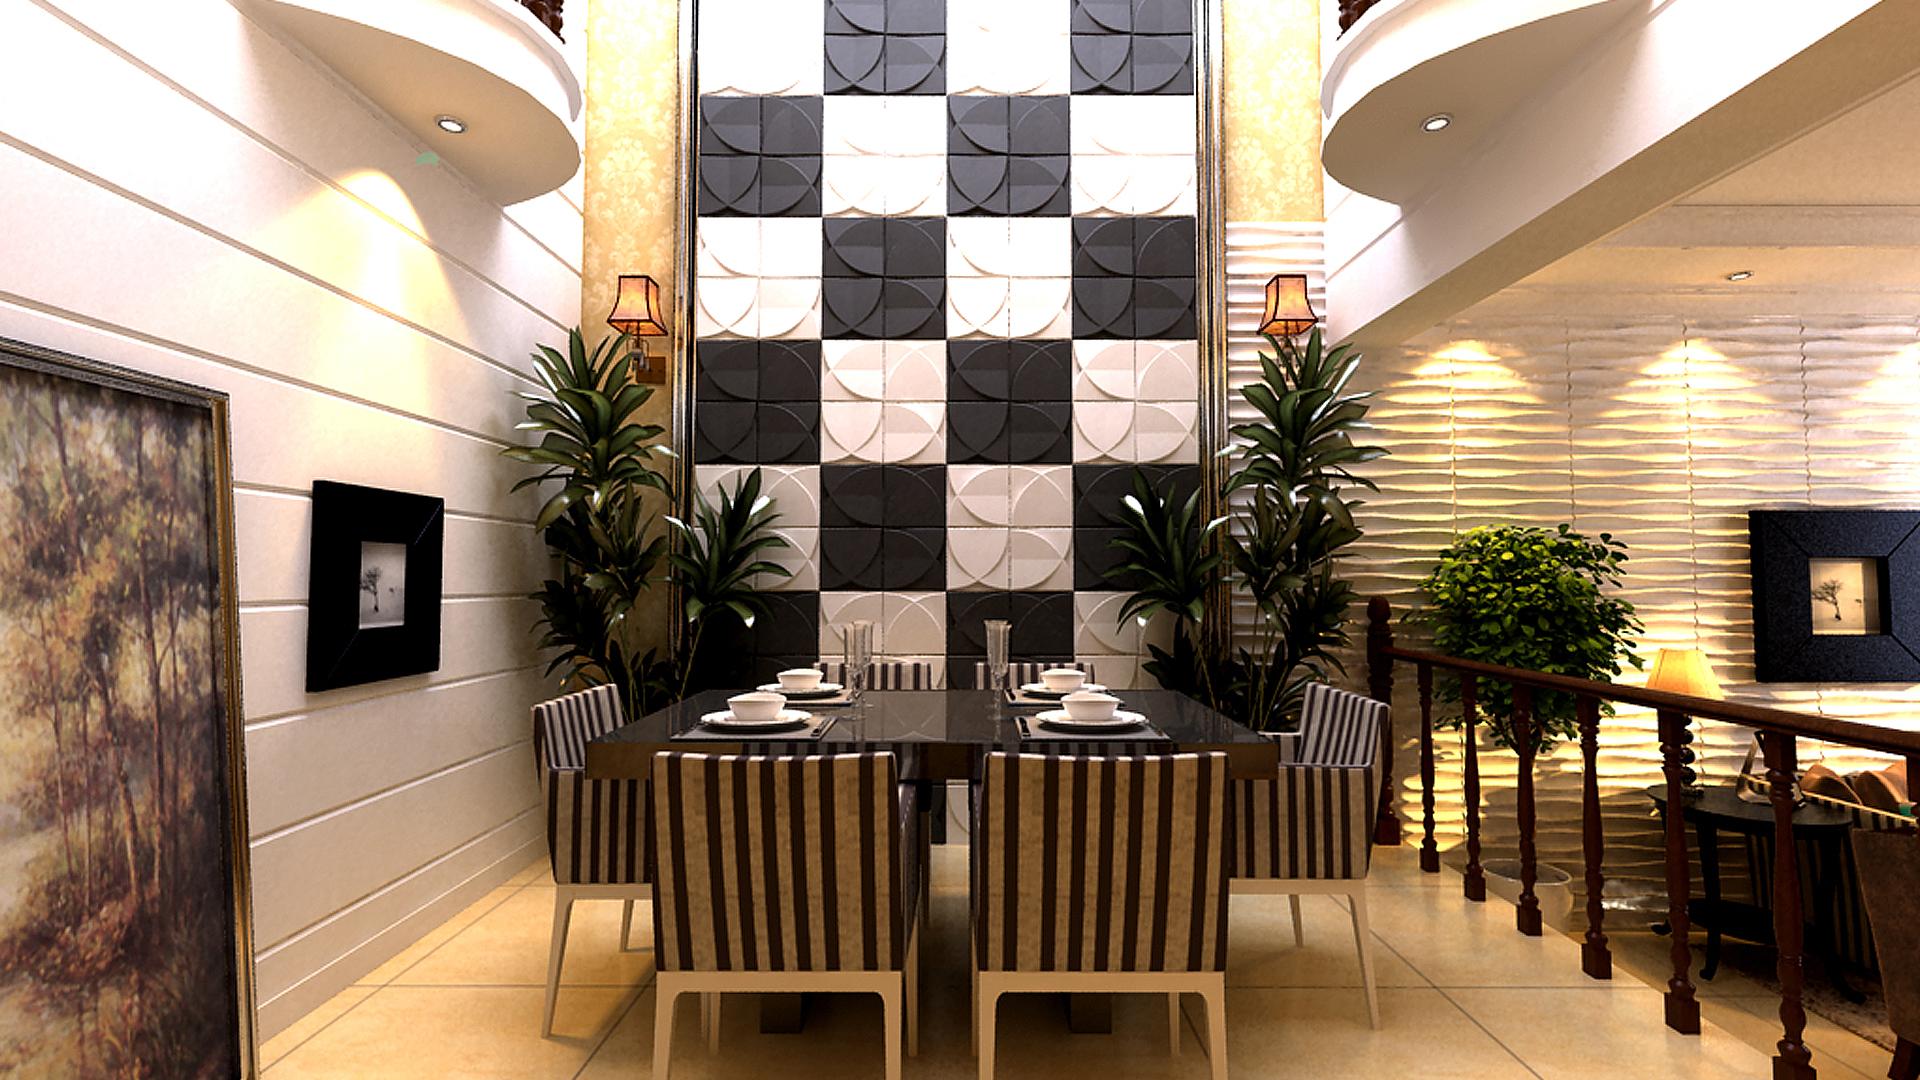 cafes und restaurants • 3d wandpaneele | deckenpaneele, Hause deko